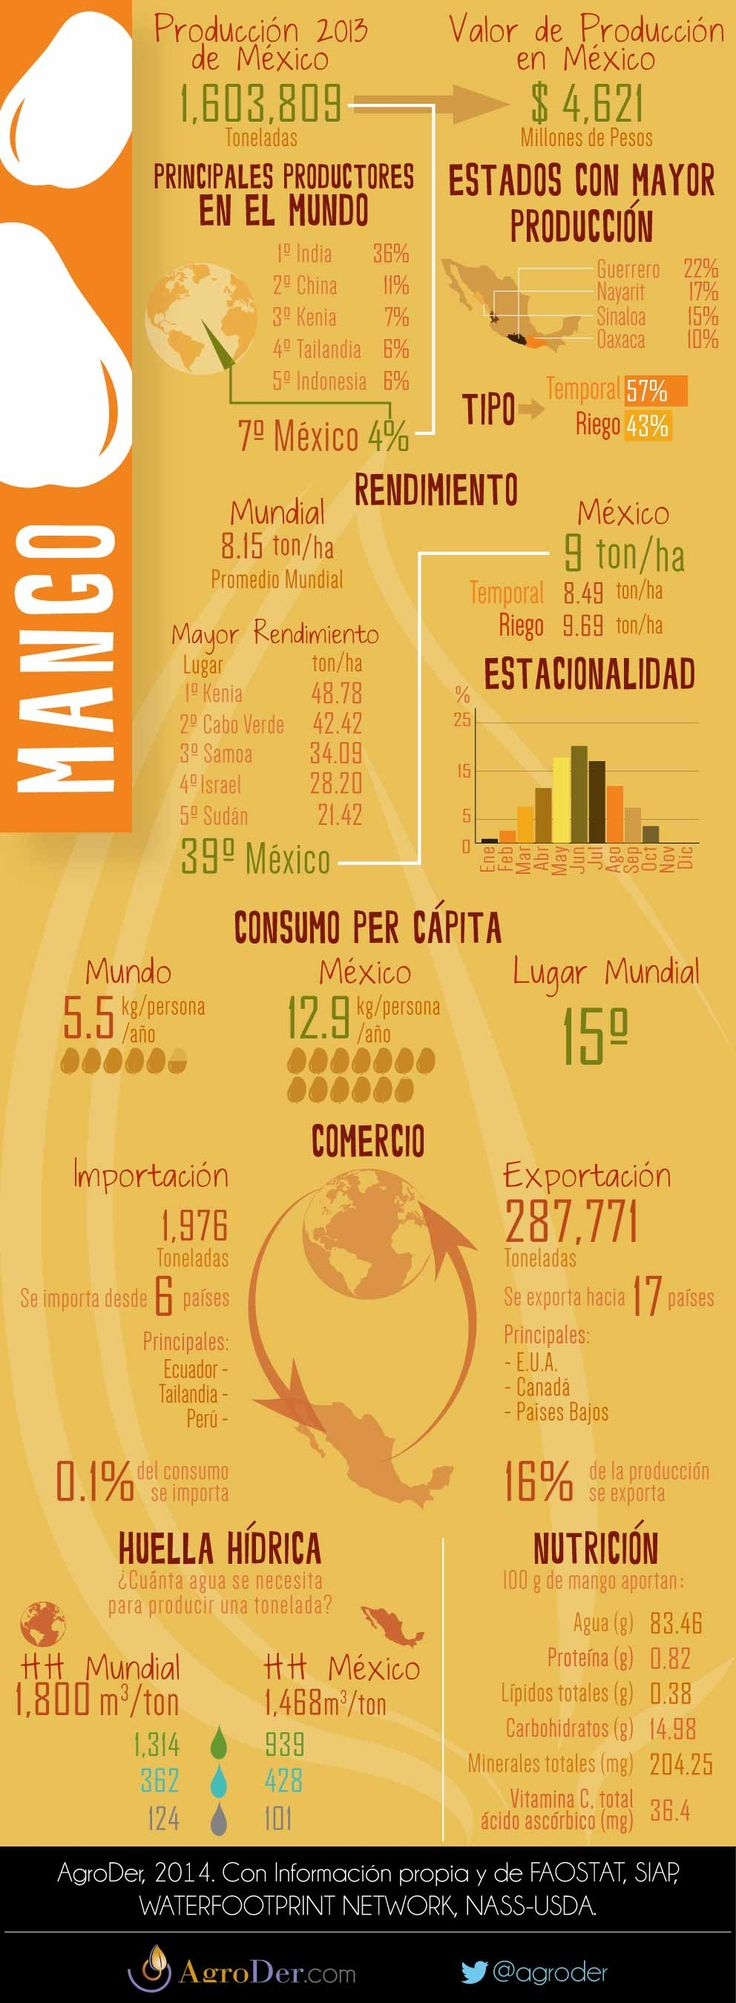 Infografía - Mango en México, 2013.